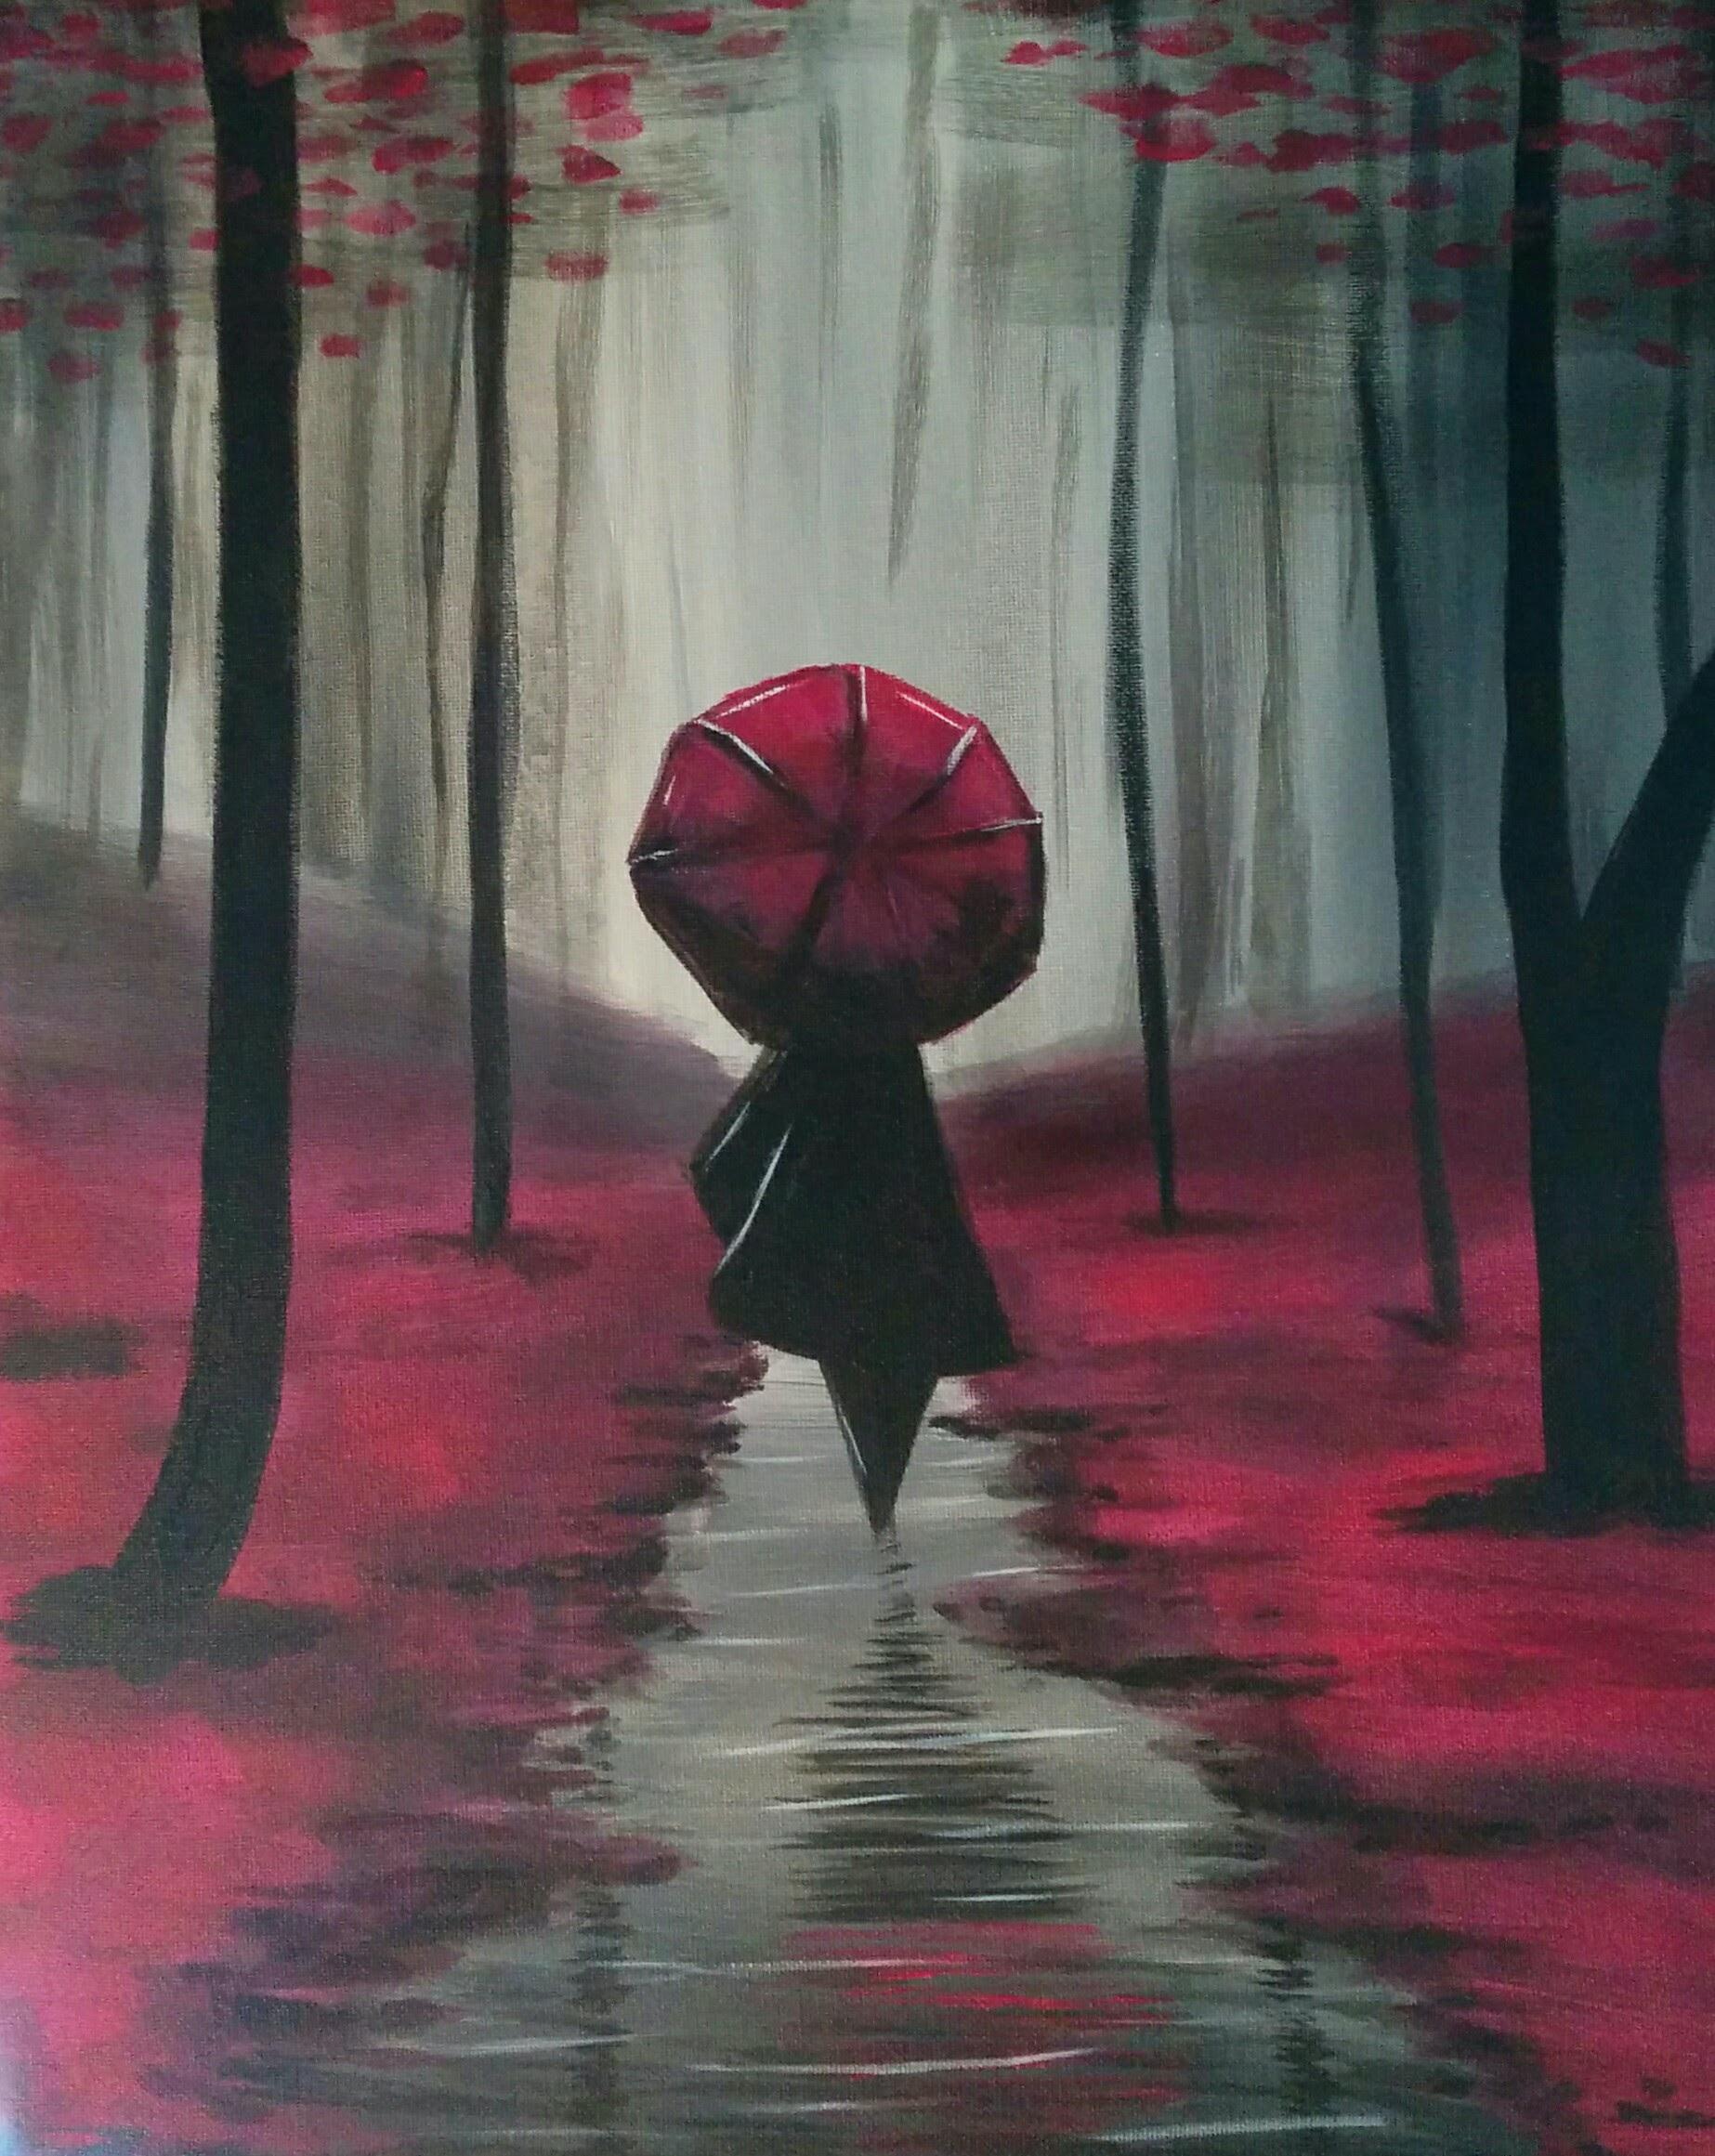 Cherry blossoms rain walk